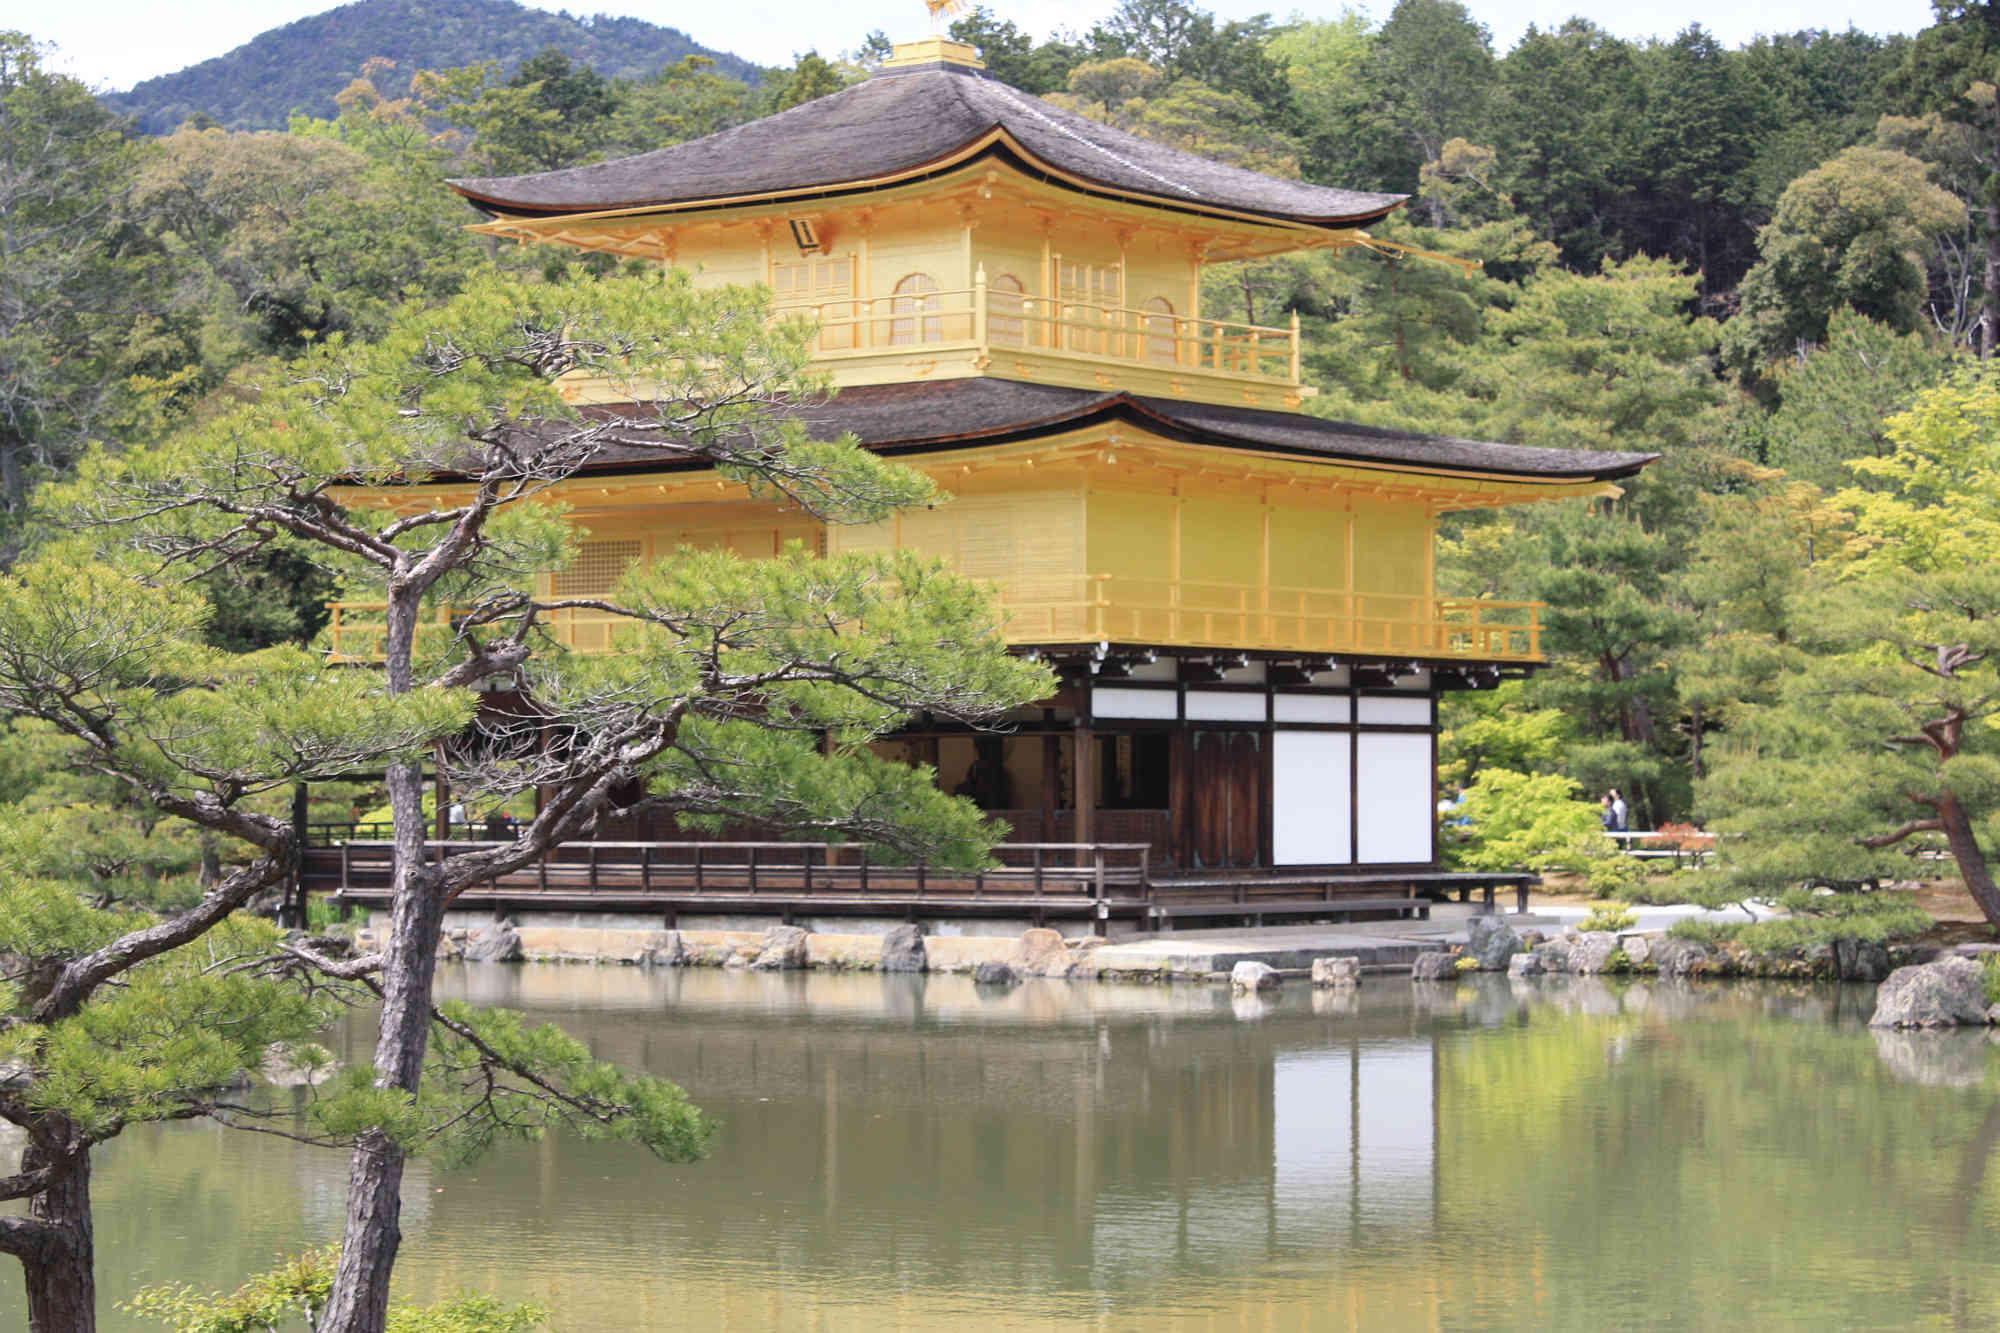 京都「鹿苑寺金閣時」